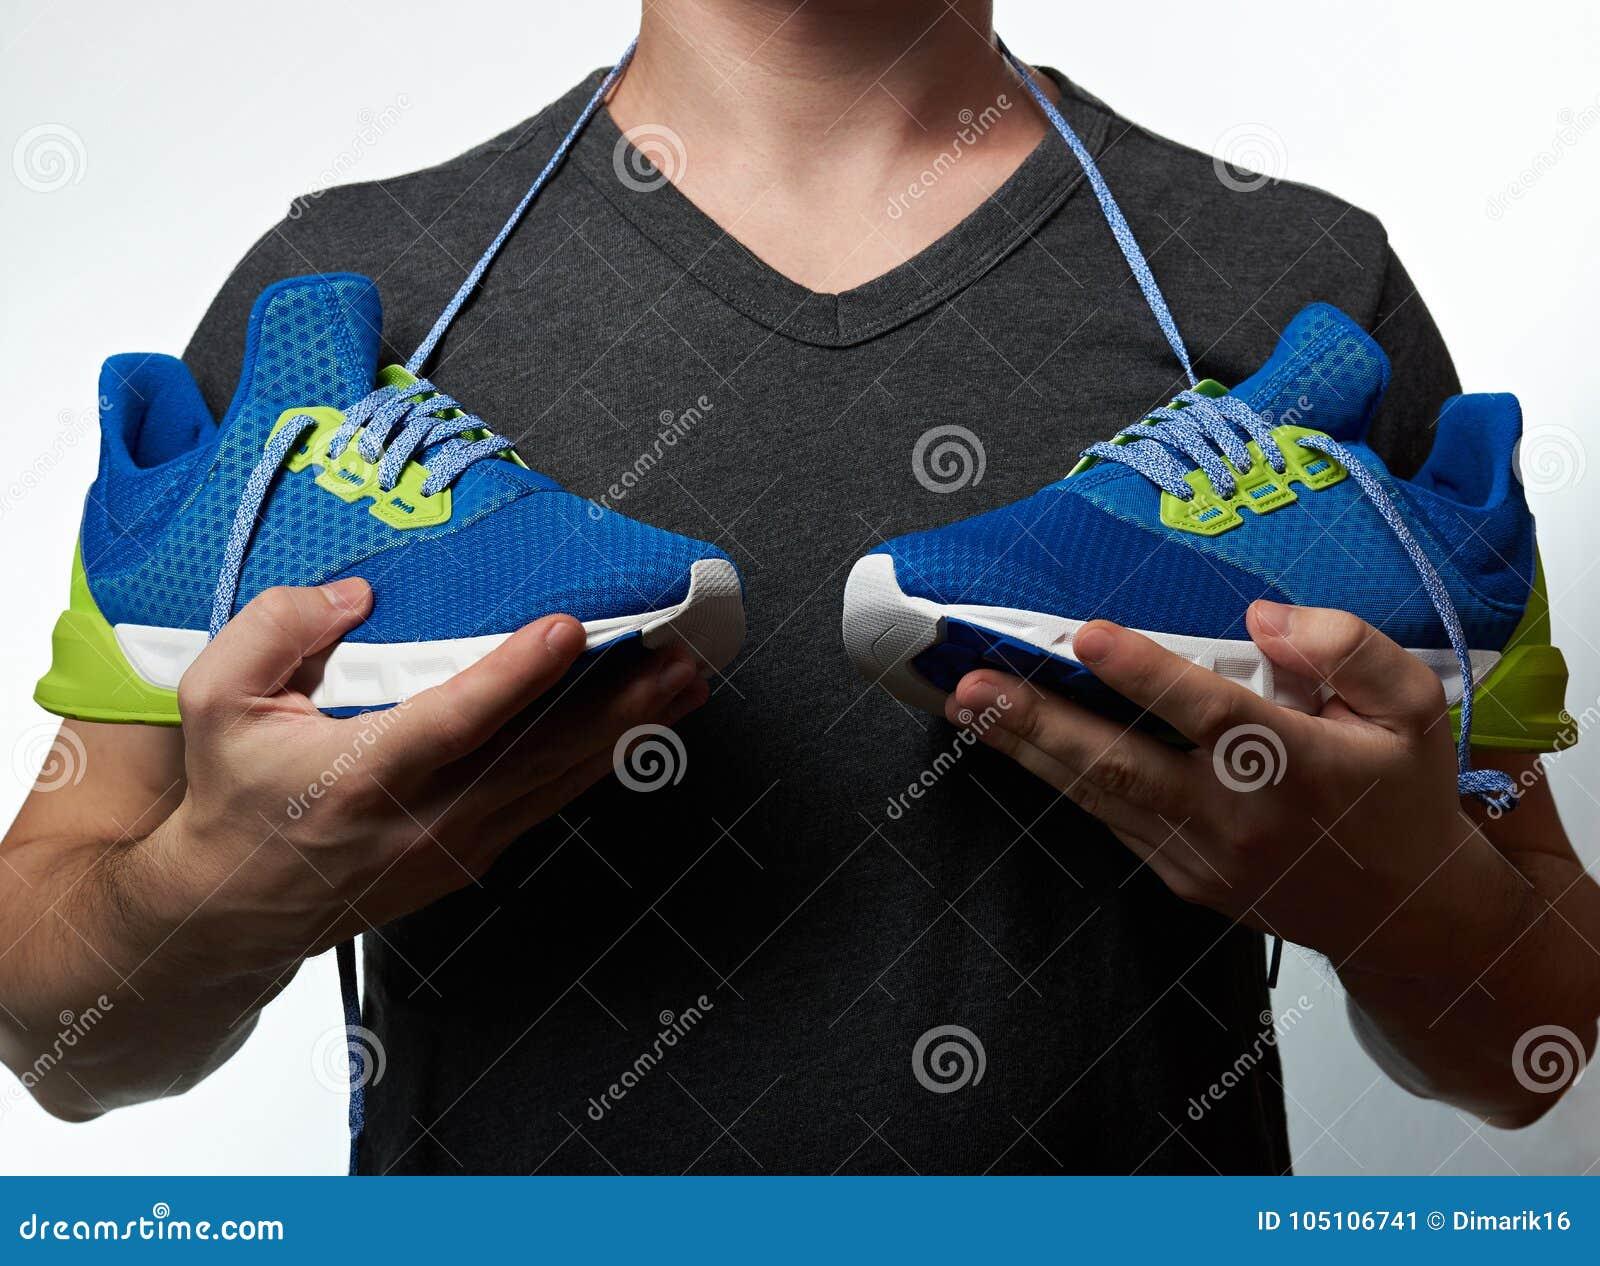 Las De Que Sostiene Deportivas Hombre Modernas Zapatillas Imagen fRTzwOqw